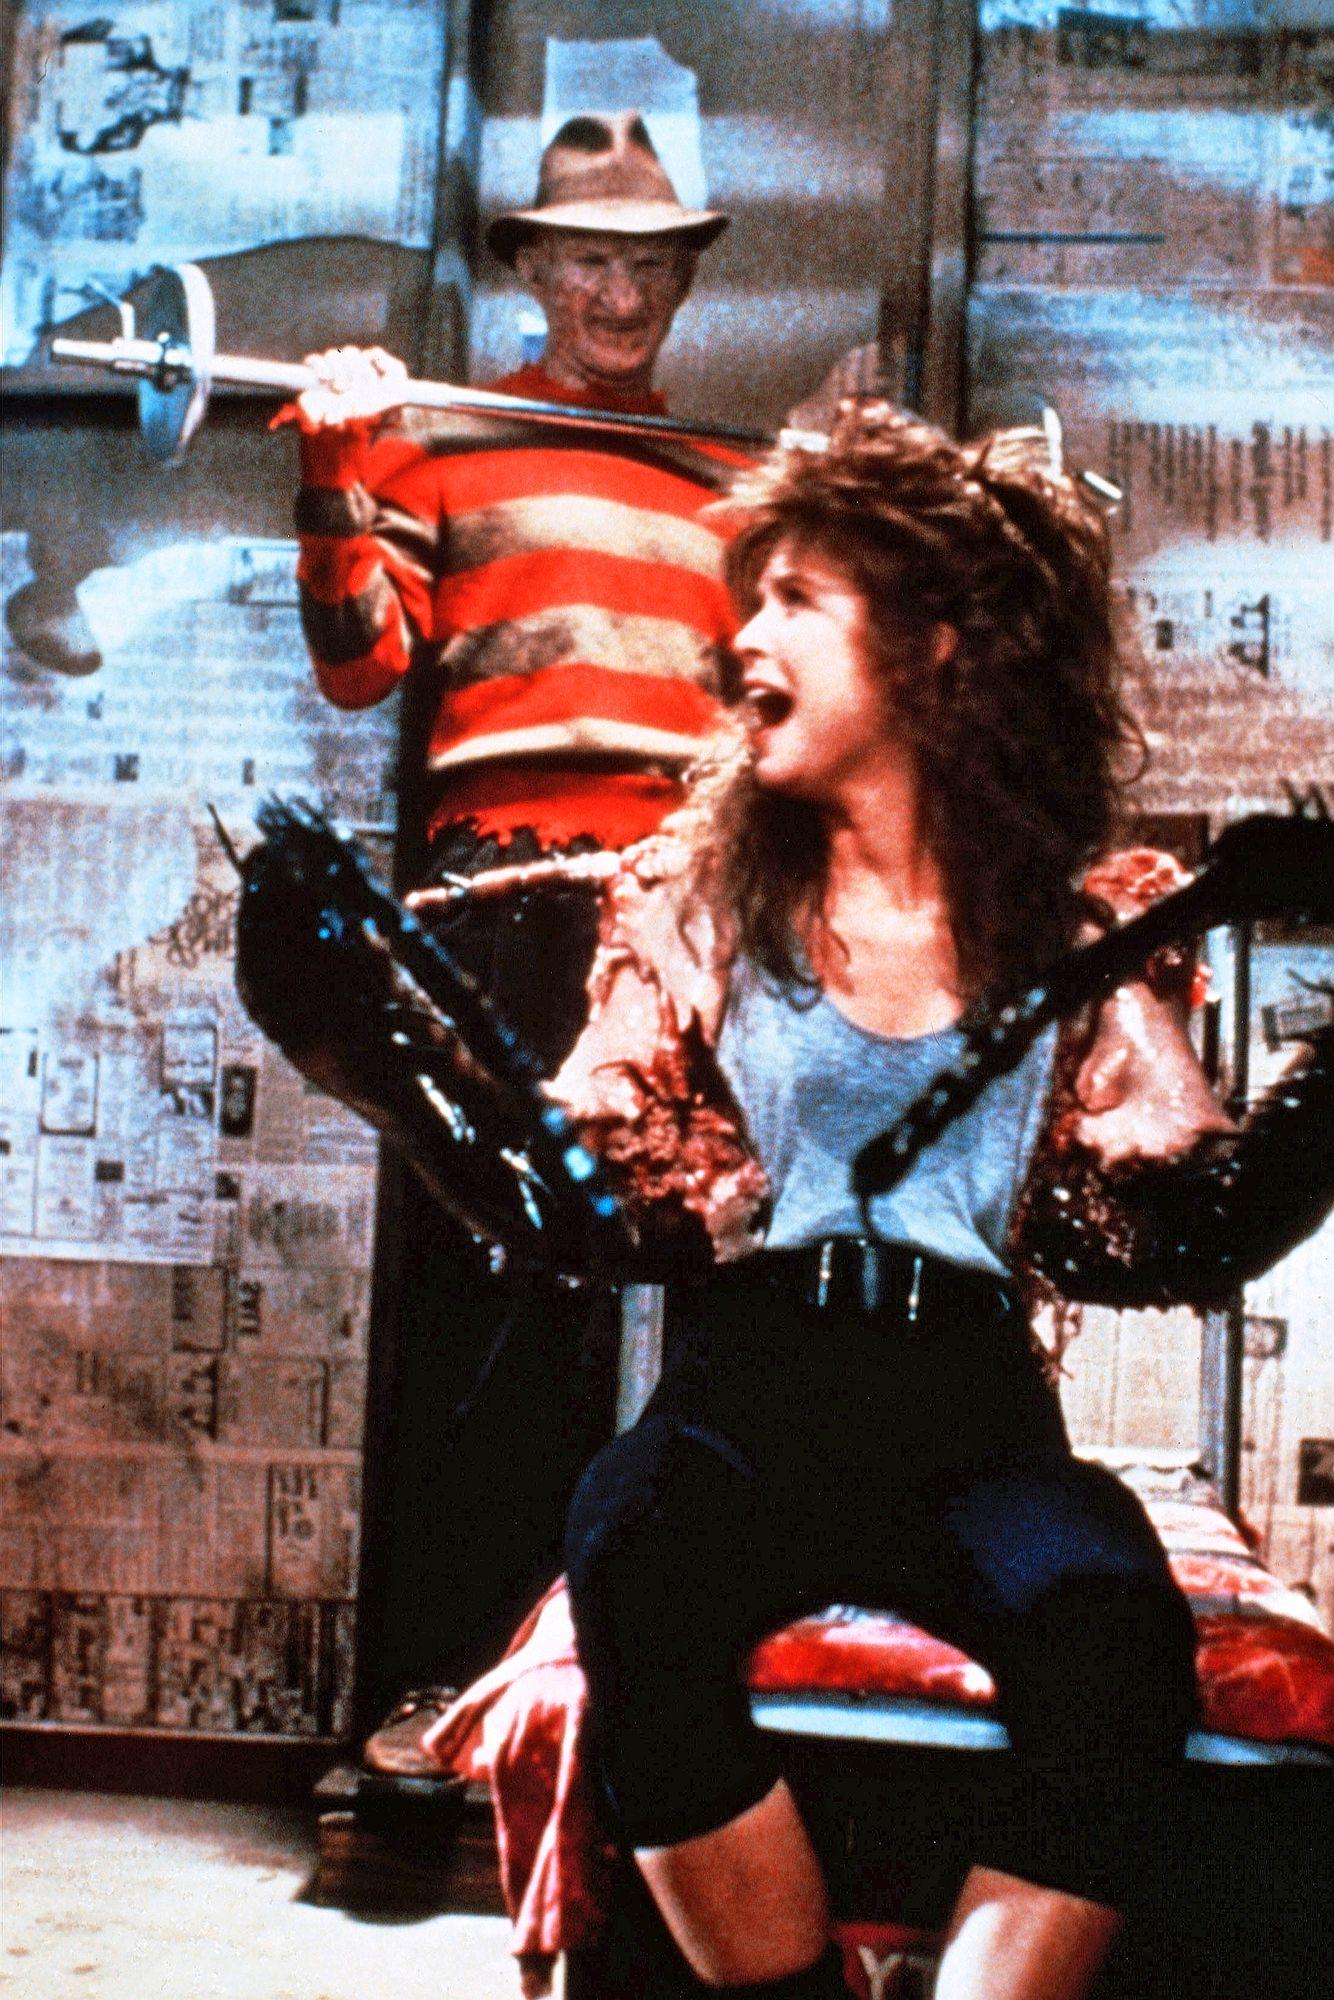 Harlinin ohjaama kauhuelokuva Painajainen Elm Streetillä – Unien valtias vuodelta 1988 tuotti pelkästään Yhdysvalloissa yli 49 miljoonaa dollaria. © New Line / Kobal / Shutterstock / AOP